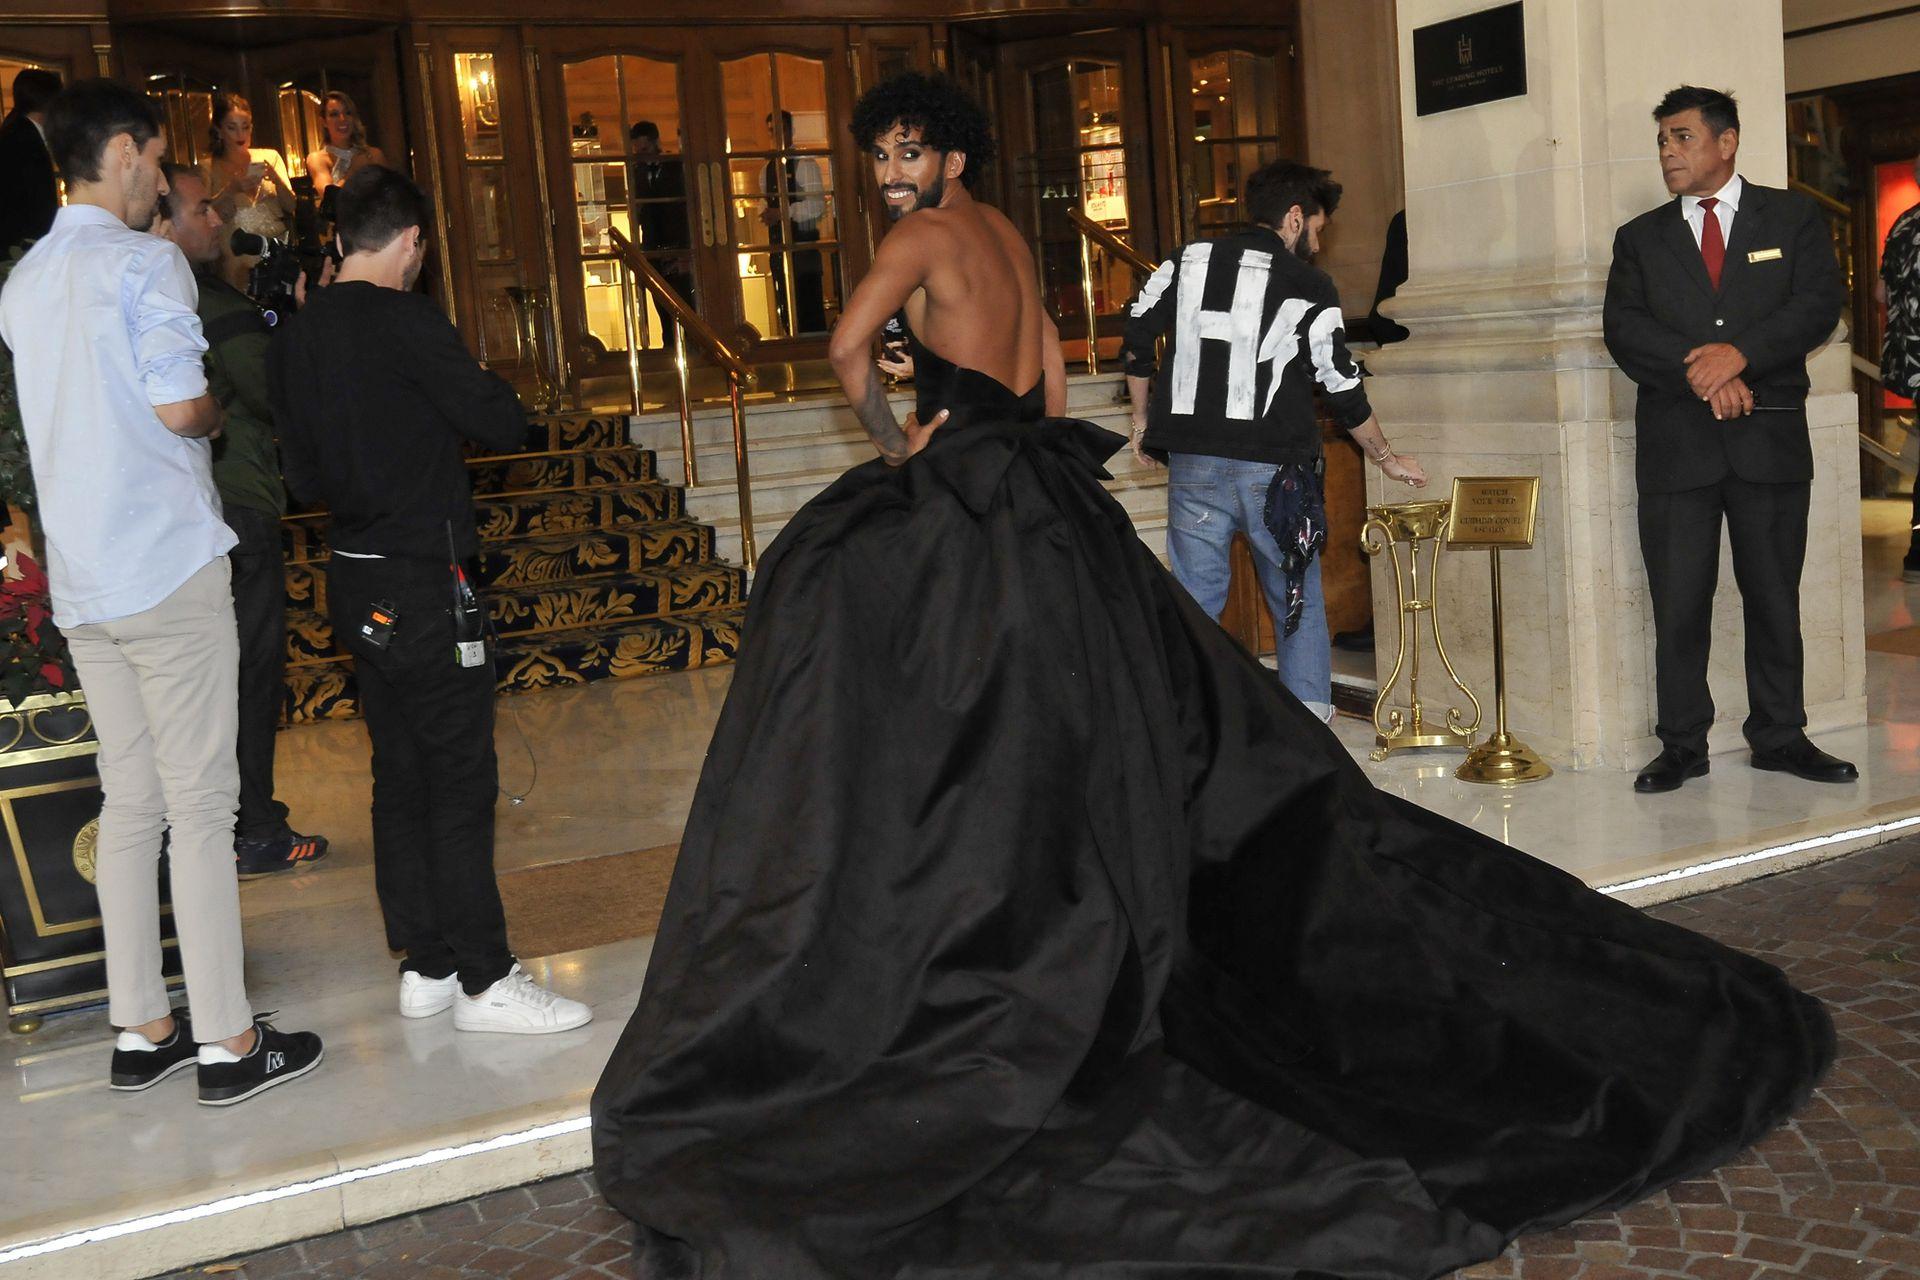 Siempre excéntrico, Gabo Usandivaras eligió llevar un vestido negro a la foto grupal